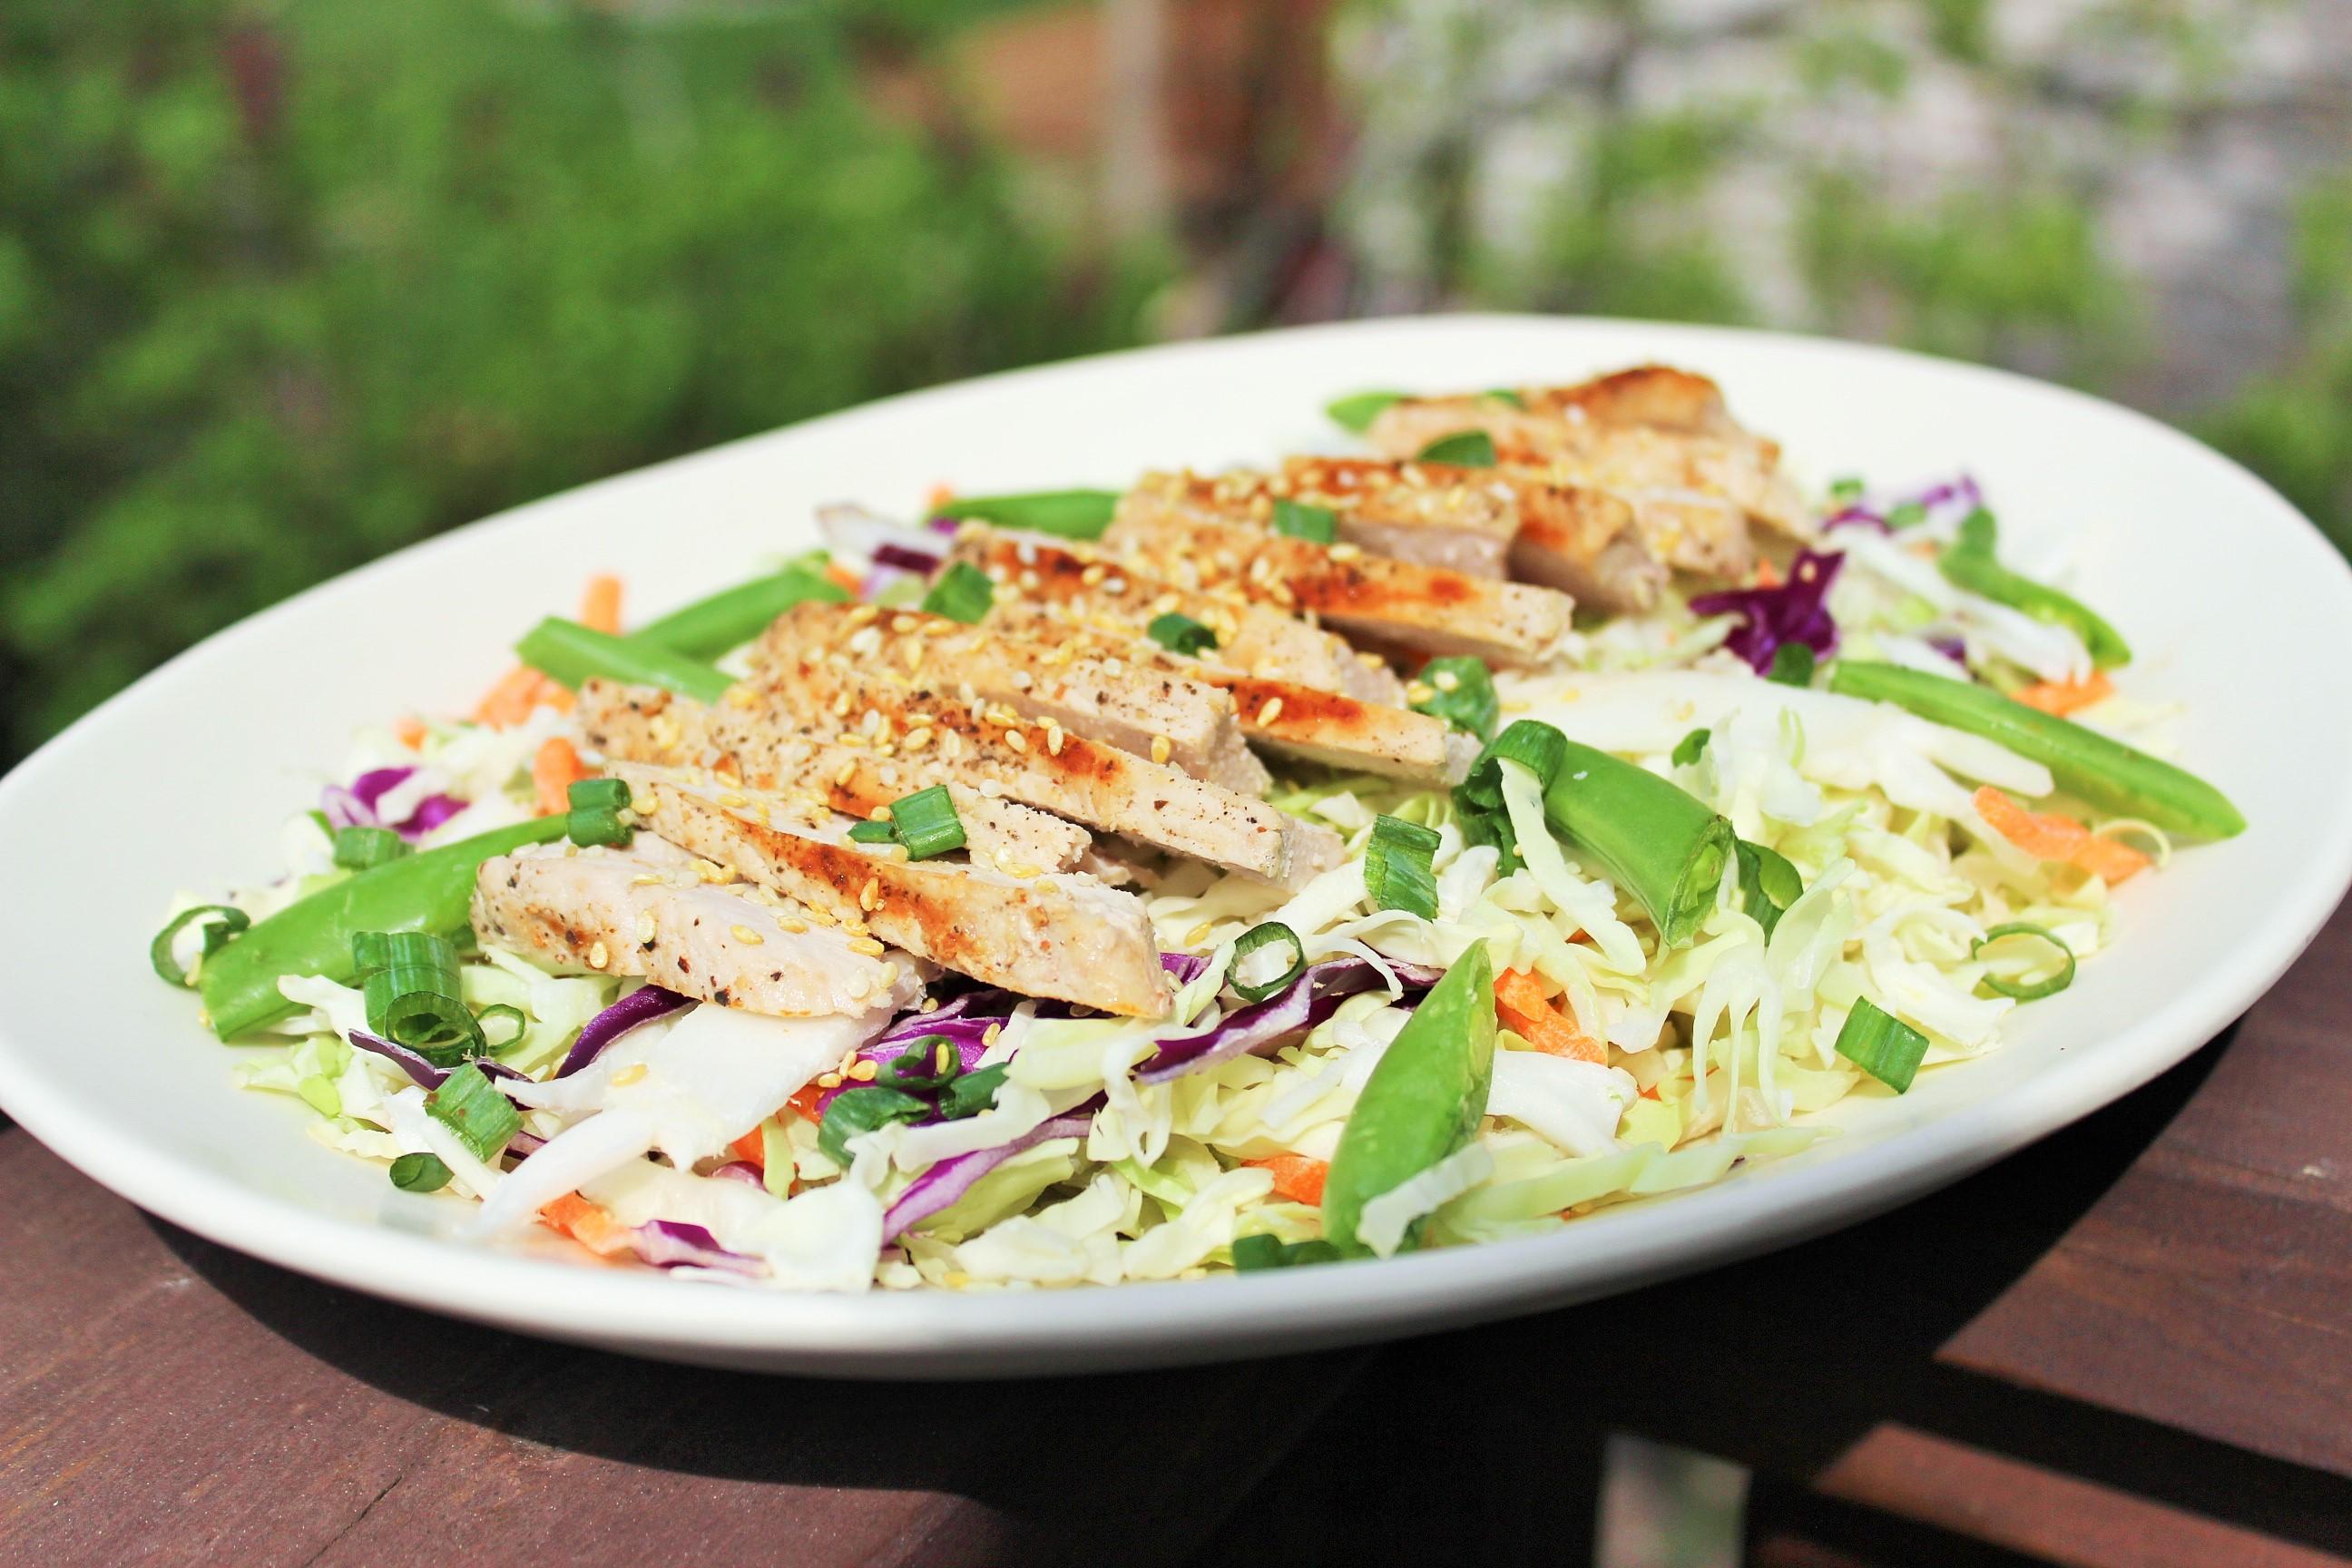 Grilled Pork Salad with Asian Vinaigrette